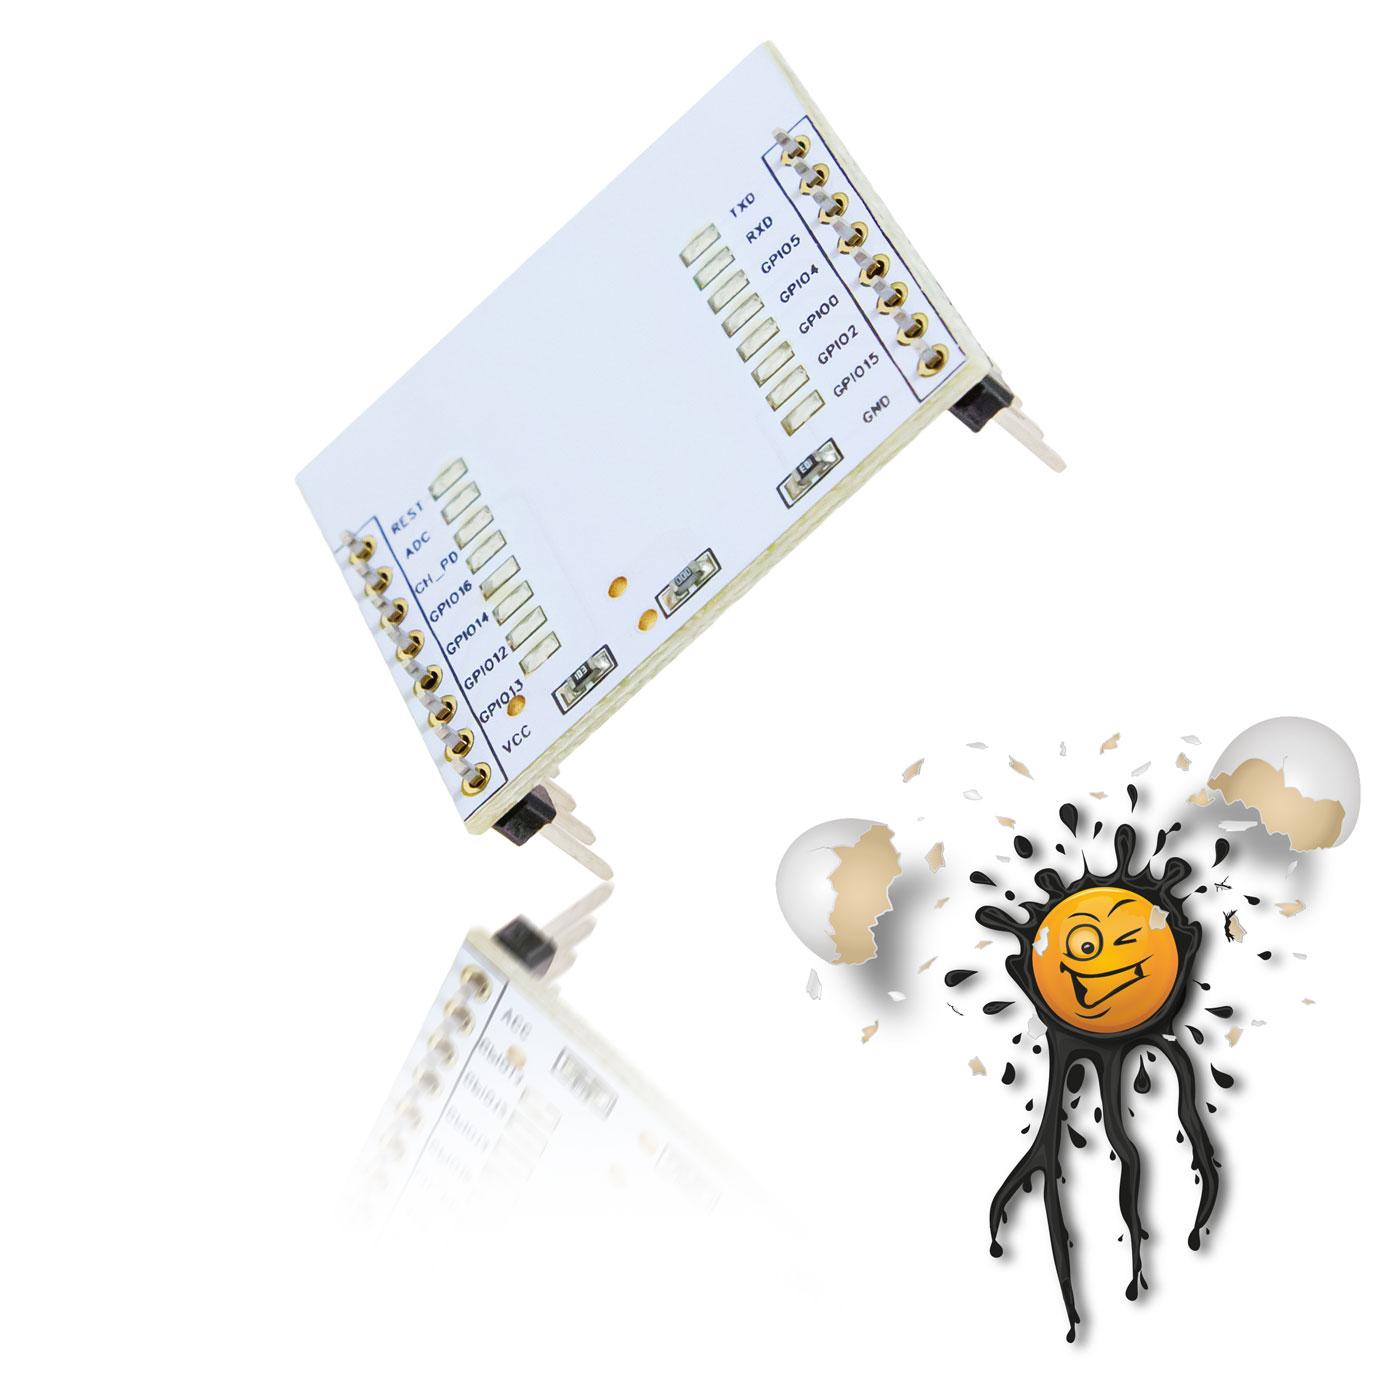 ESP8266 I/O Adapter